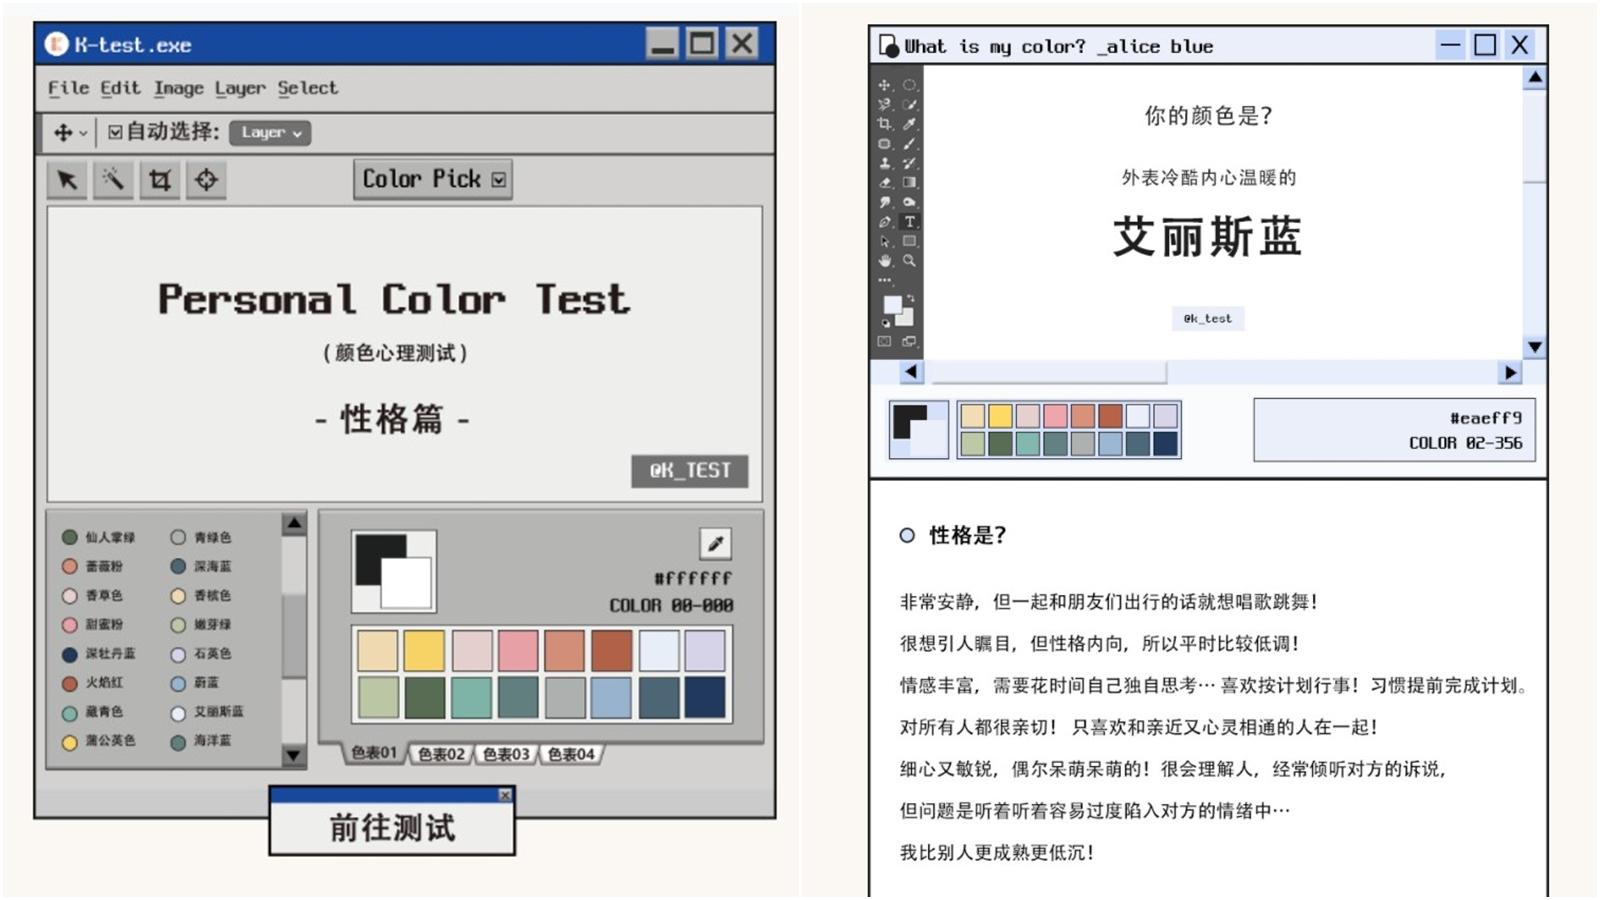 【科技新知】「顏色心理測驗-性格分析」IG/臉書爆紅測驗怎麼玩?12道題目神準解析人格特質!